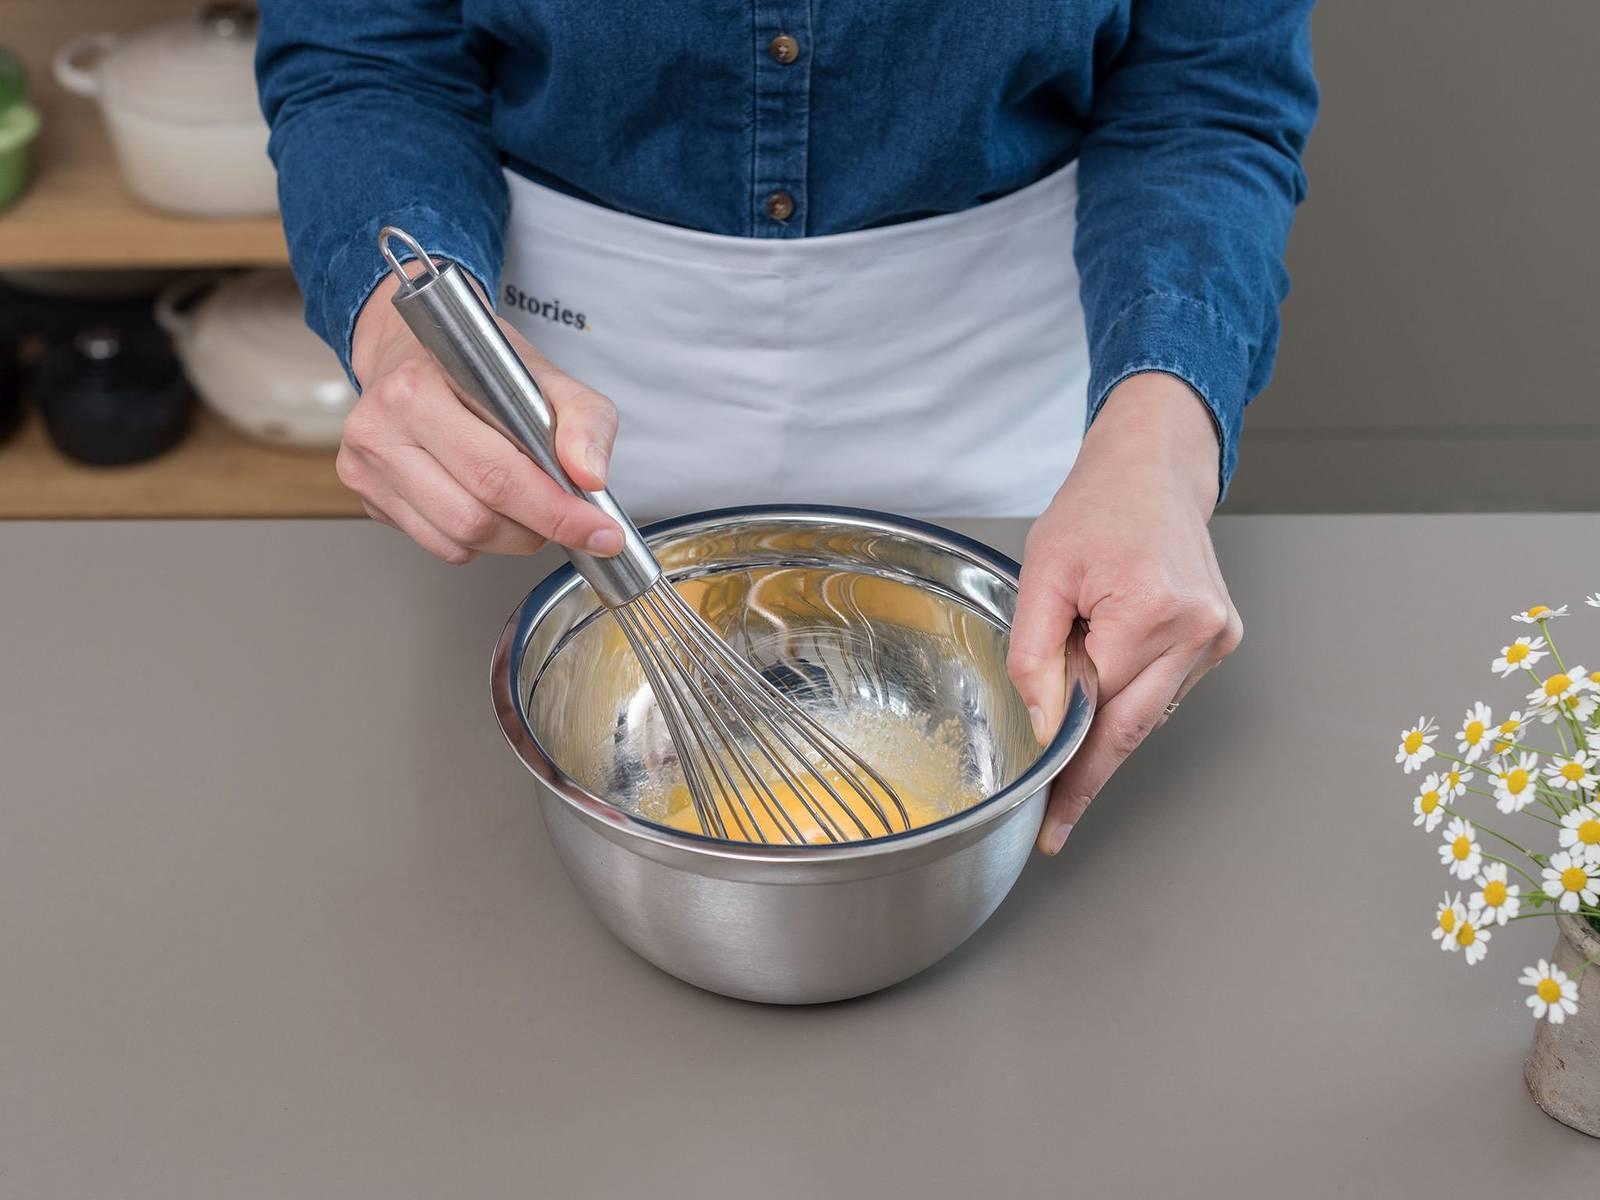 制作香草酱:将奶油、牛奶、香草豆荚和籽放到汤锅中,大火煮沸。在一个碗中,混合蛋黄和糖,搅打至颜色变淡,且质地轻盈蓬松。放入几汤匙牛奶混合物,搅拌调温。然后把鸡蛋混合物慢慢倒回锅中,文火煮,并不停搅拌,直至香草酱变稠。将香草籽捞出,立即放到一个碗中,然后置于一旁。